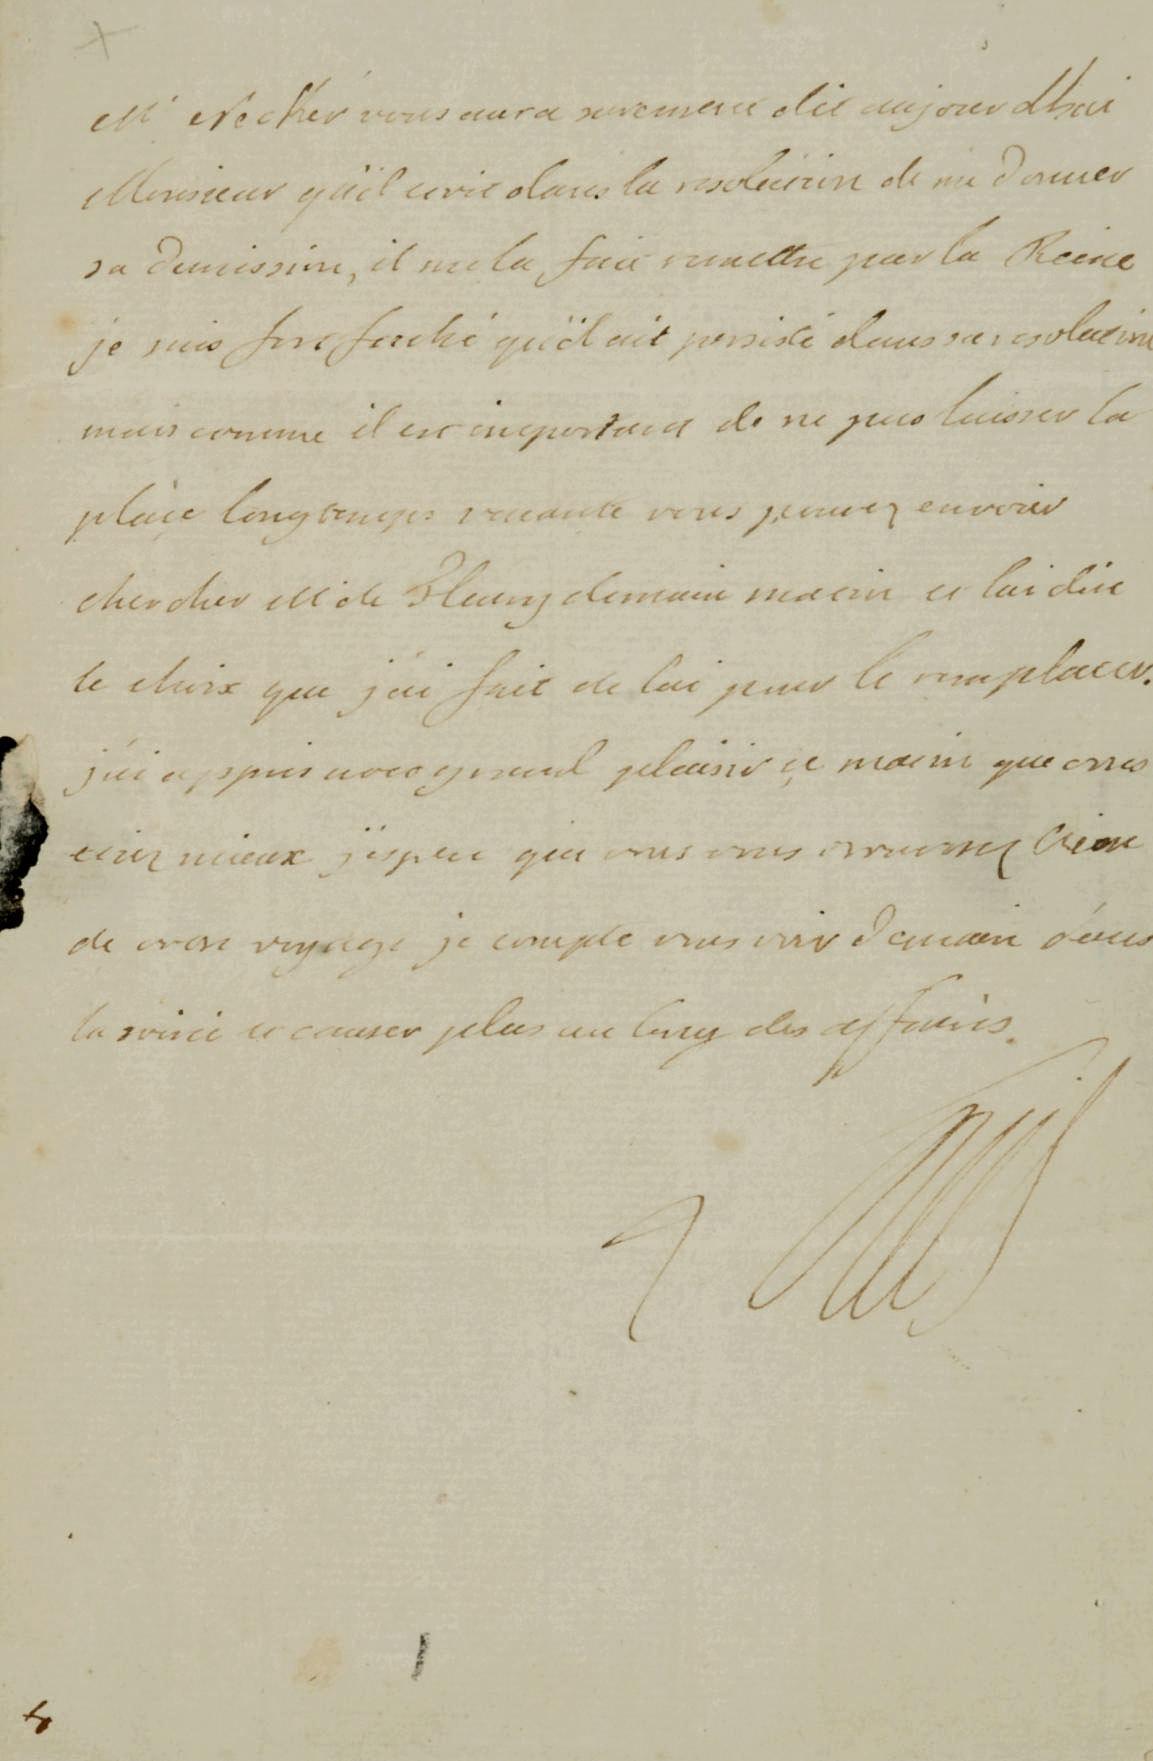 LOUIS XVI (1754-1793). Lettre autographe signée, une page in-8 (75 x 110 mm) sur un double feuillet, adressée à Jean-Frédéric Phélypeaux, comte de Maurepas, [Paris: 1781]. (Encre un peu pâle, traces de pliures, sceau royal brisé lors de l'ouverture de la lettre).